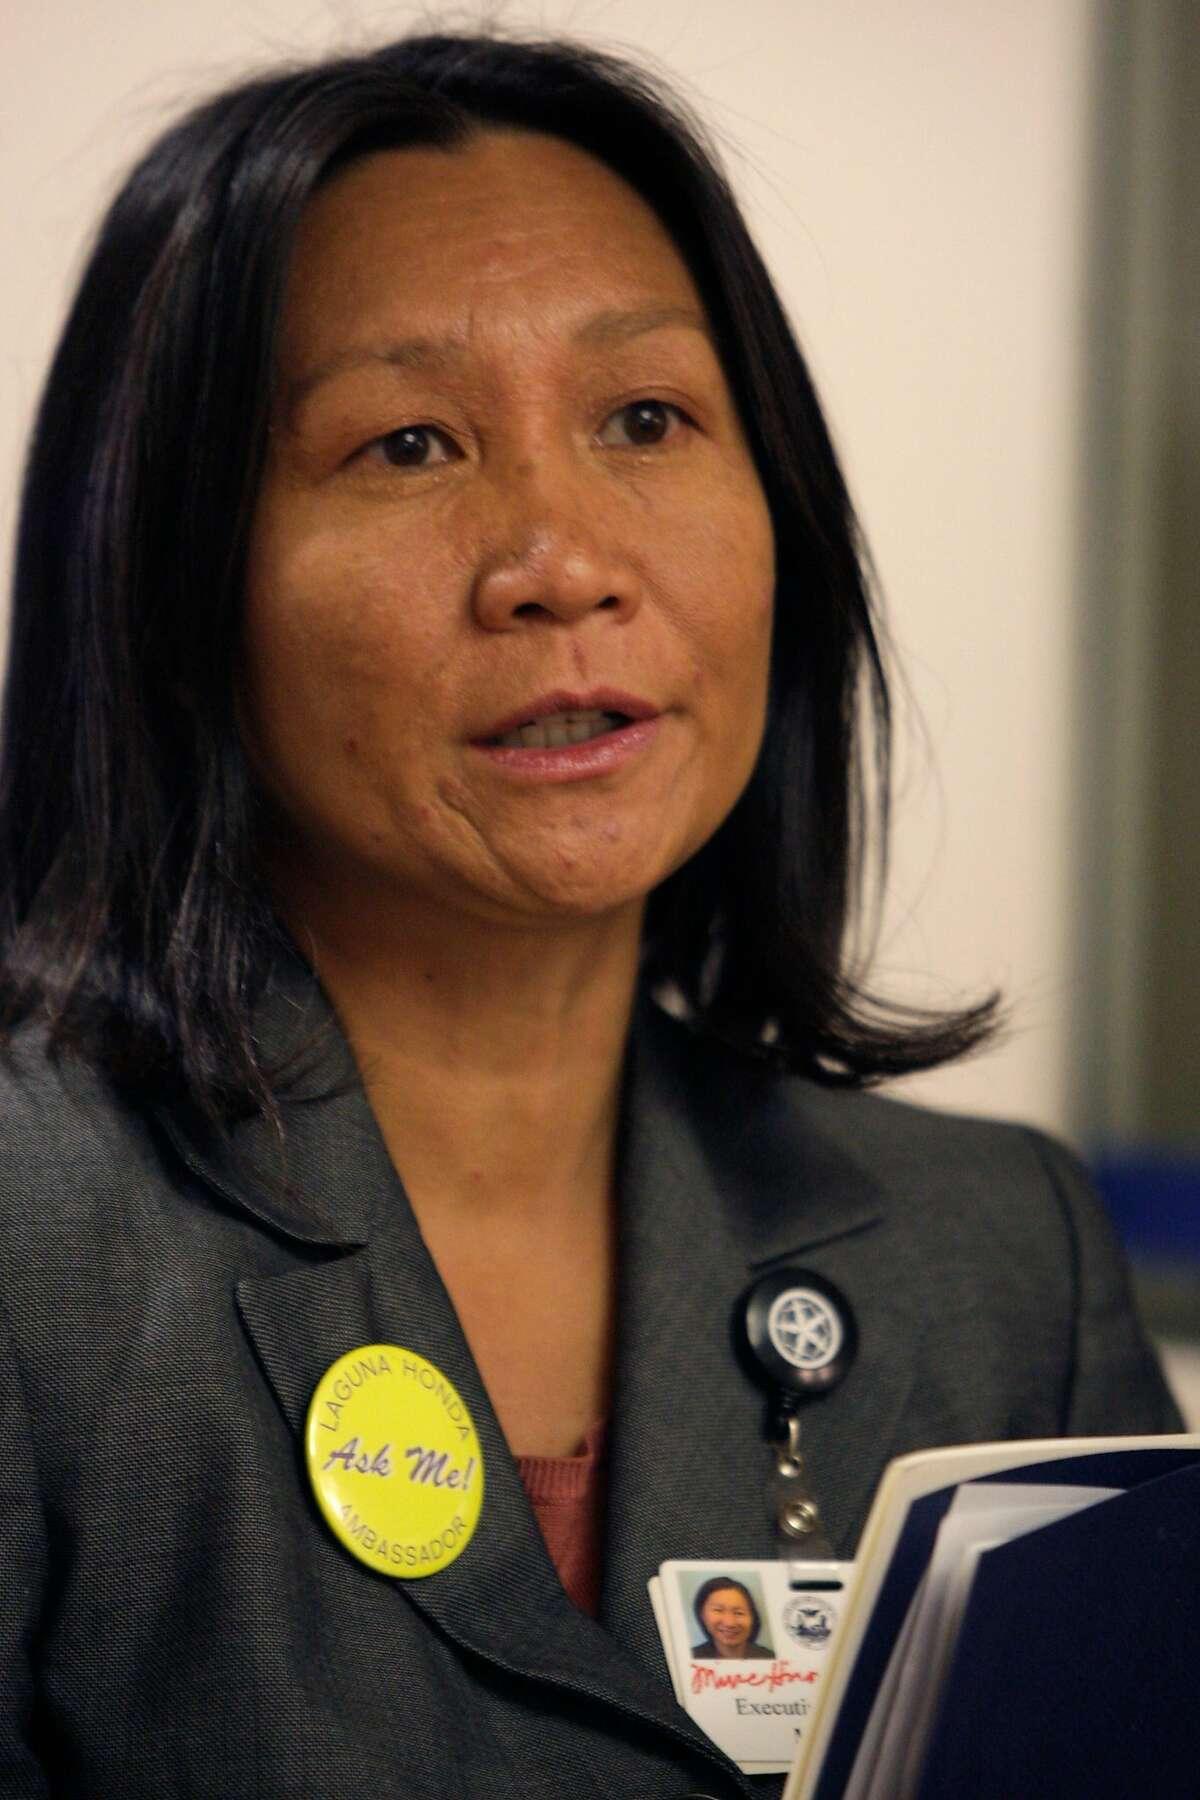 Mivic Hirose, R.N., Laguna Honda Executive Administrator, is seen at the new Laguna Honda Hospital in San Francisco, Calif. on Tuesday May 18, 2010.